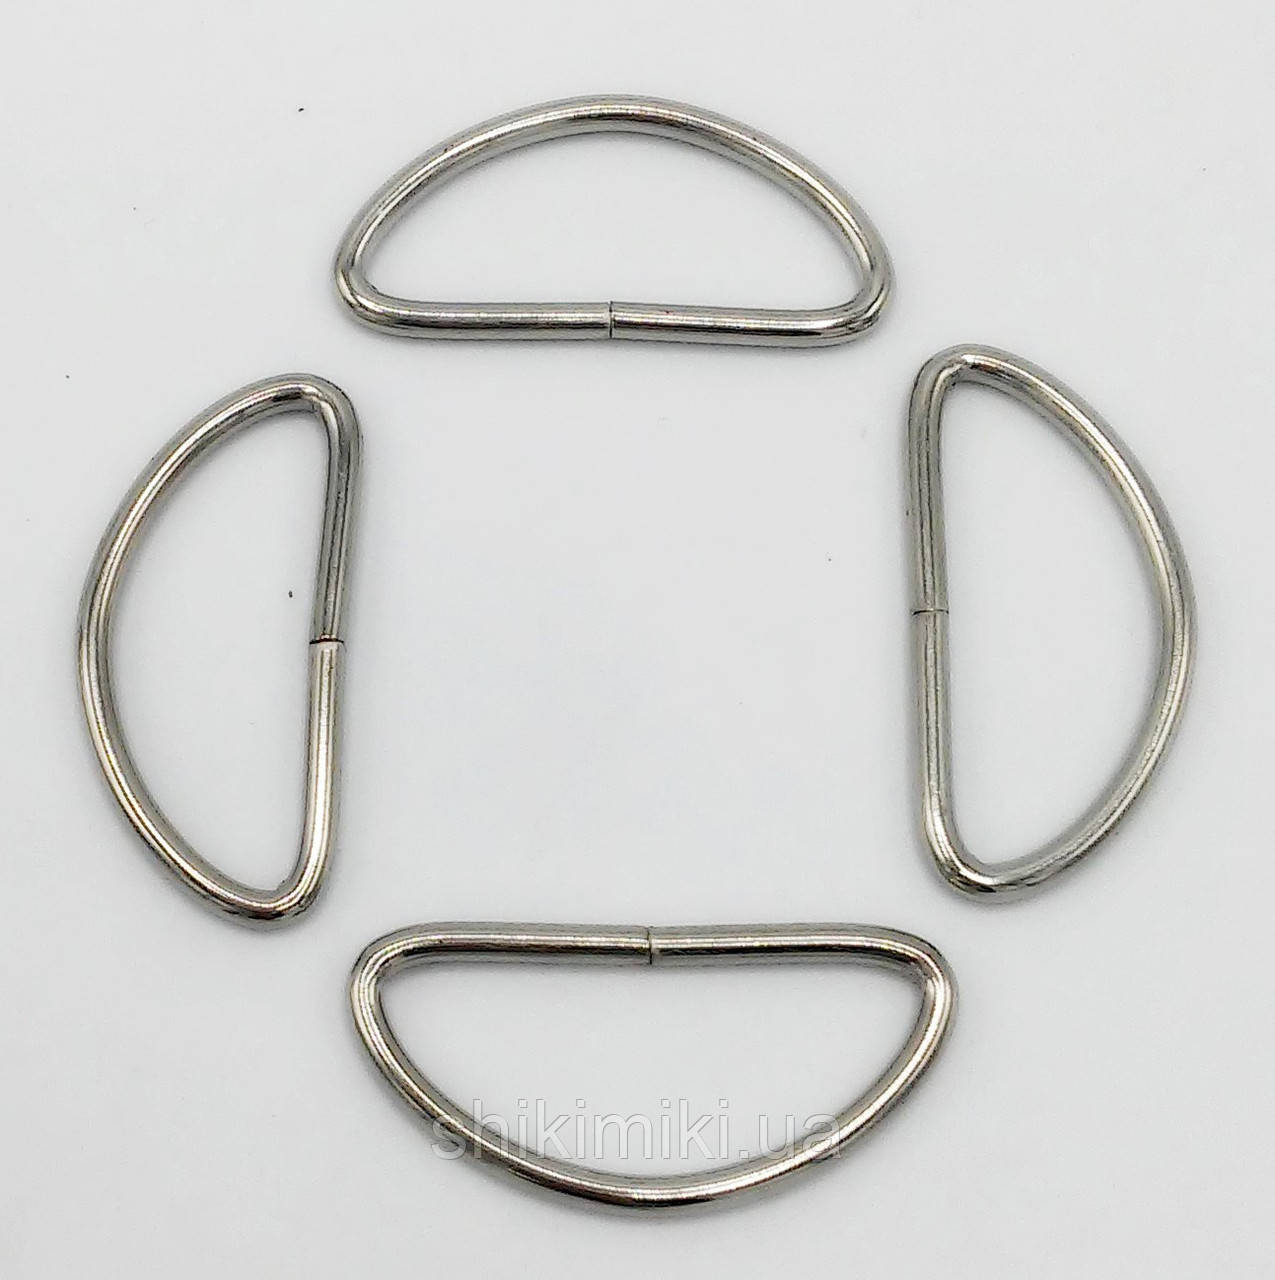 Полукольцо для сумки PK17-1 (40 мм), цвет никель